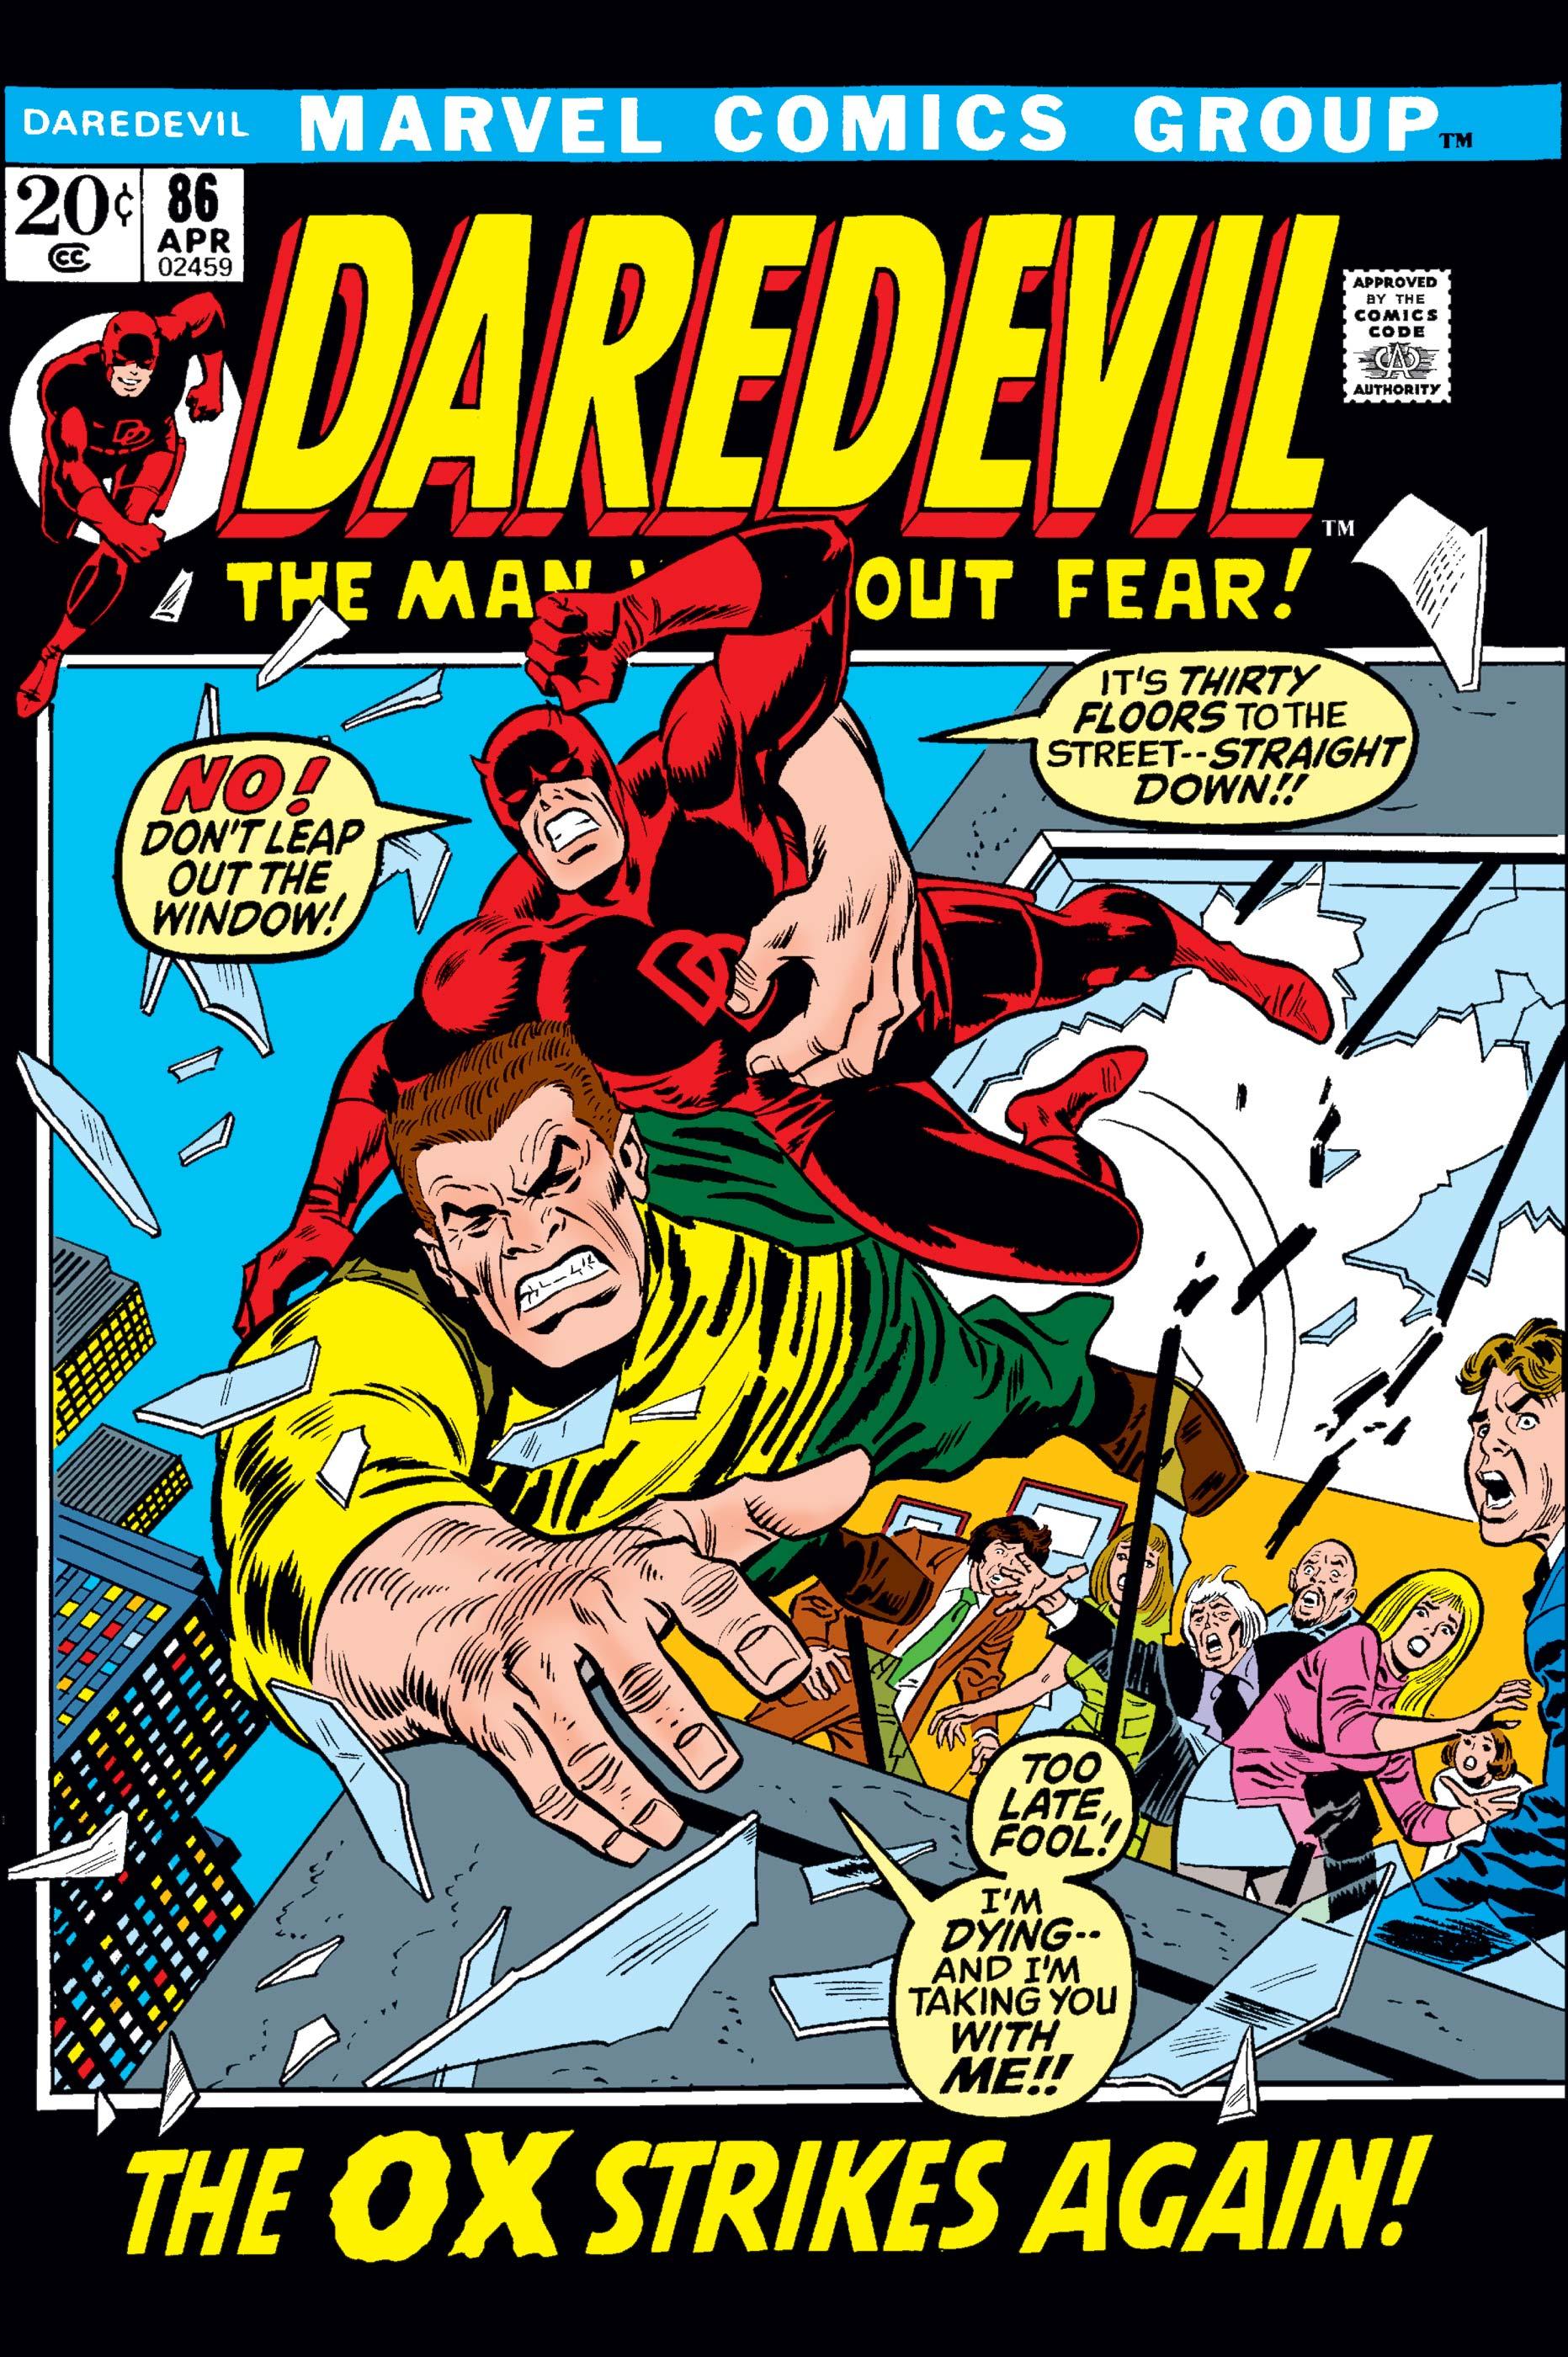 Daredevil (1964) #86